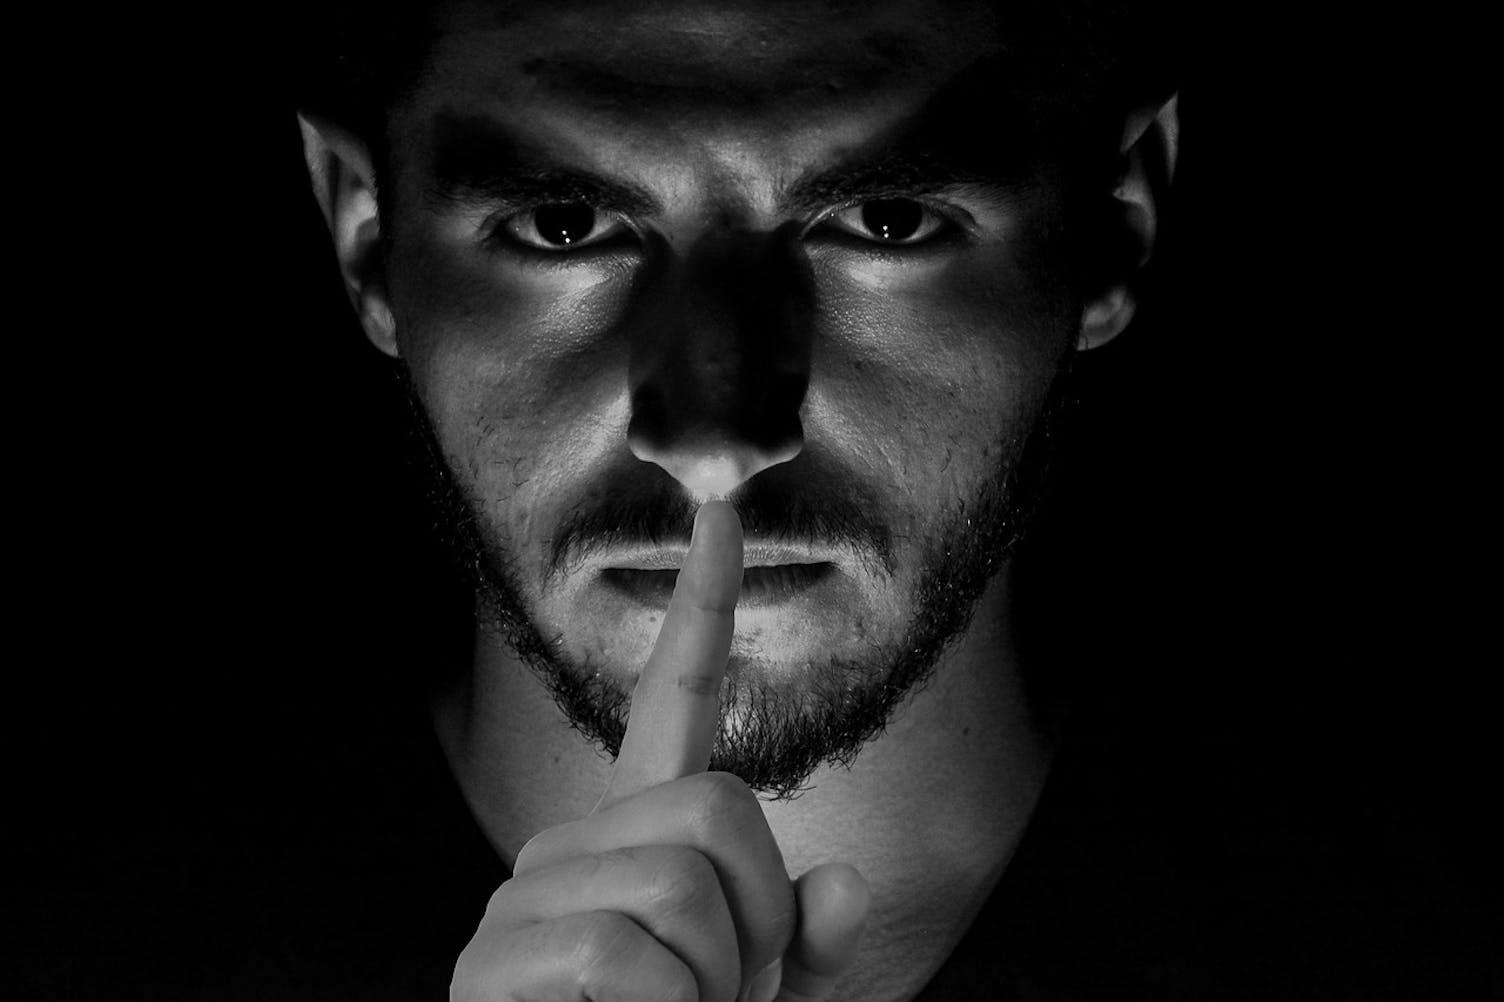 Geheimnis schweigen